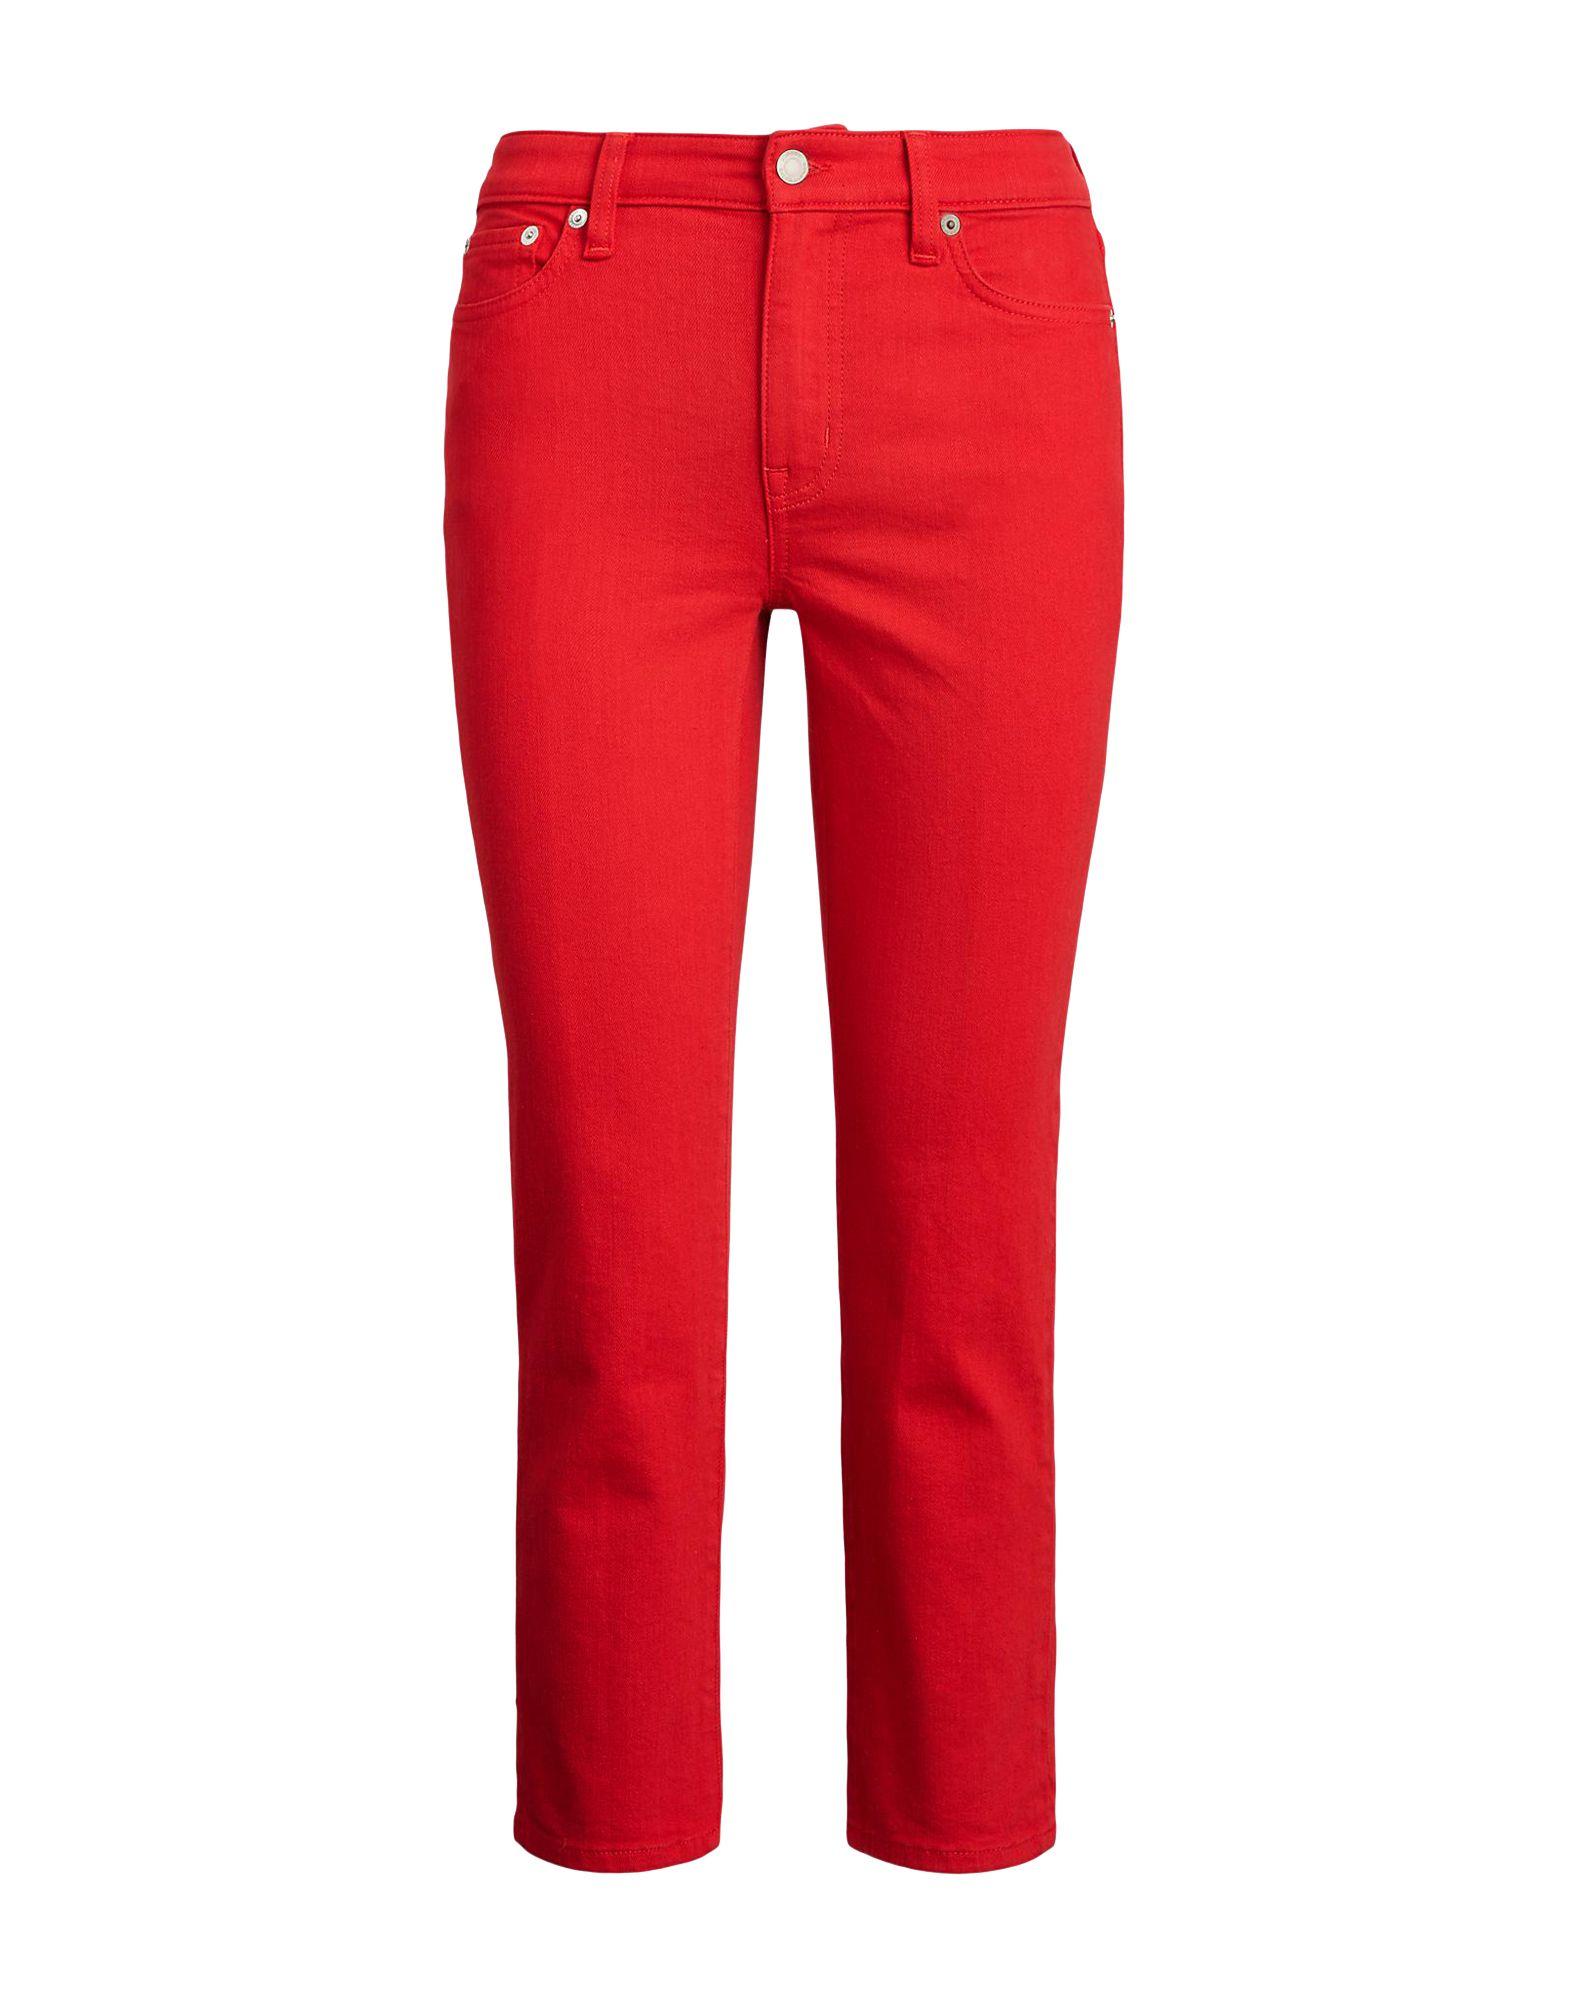 Фото - LAUREN RALPH LAUREN Укороченные джинсы джинсы polo ralph lauren джинсы